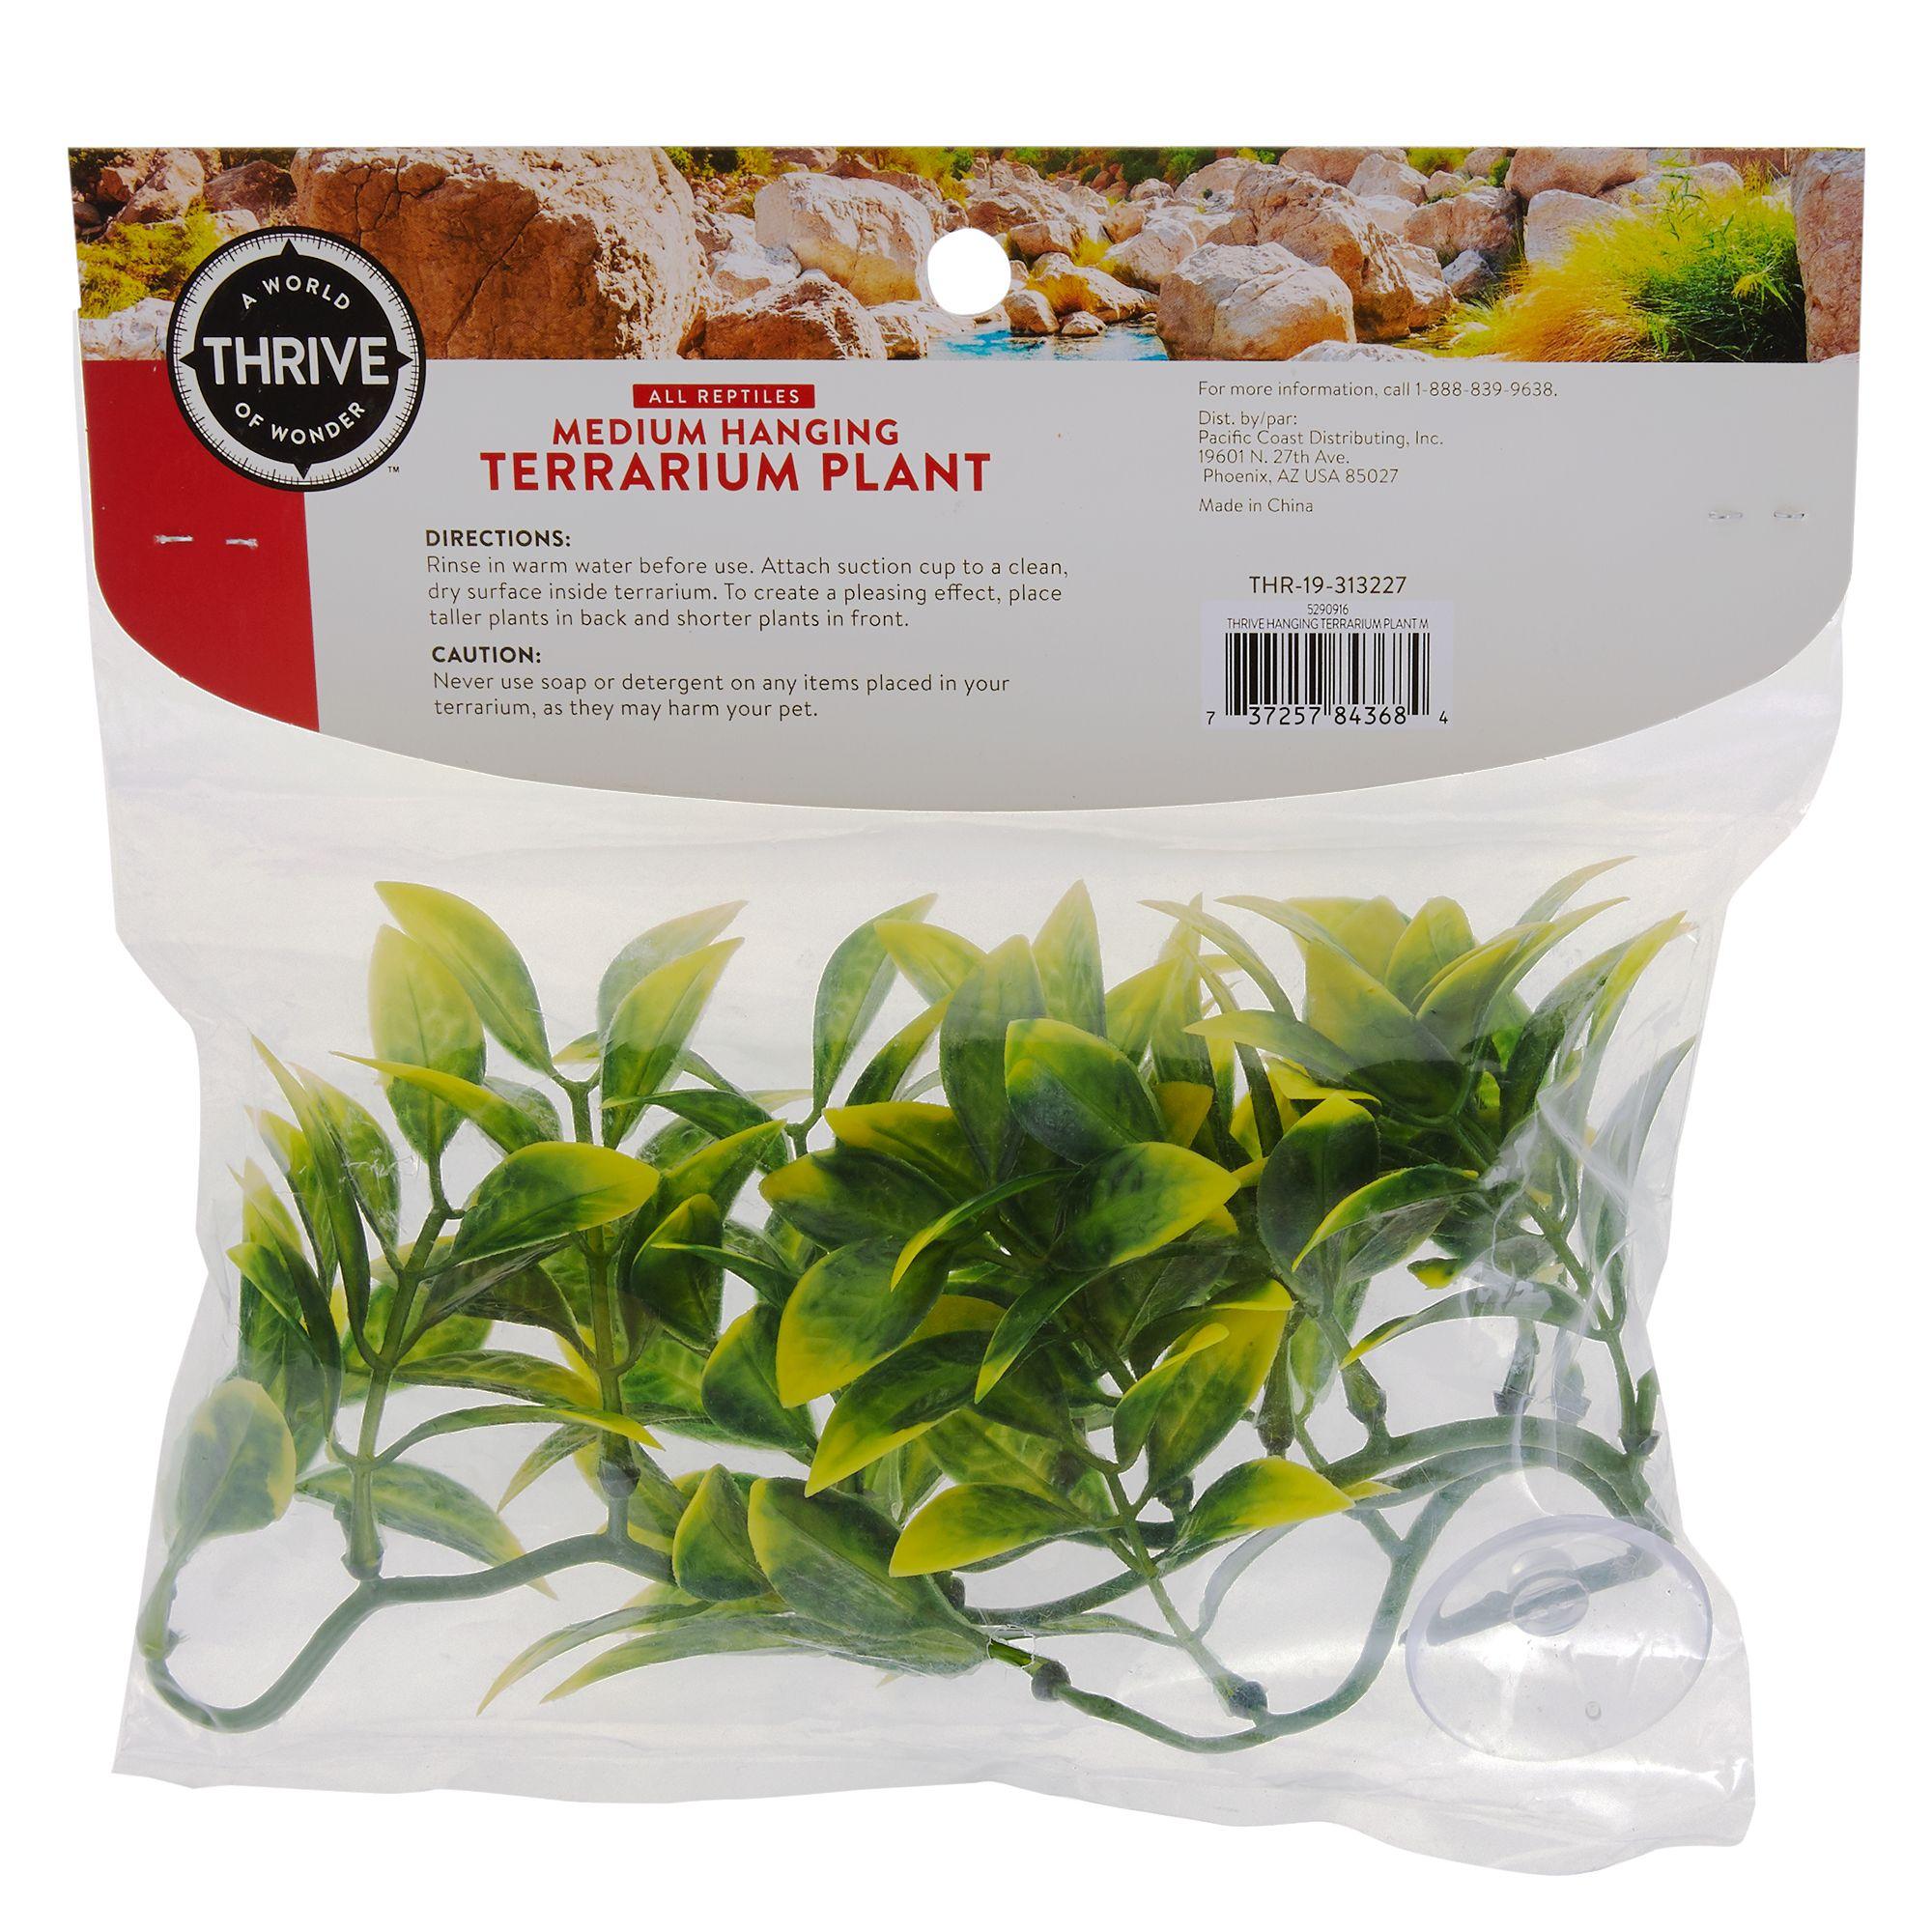 Thrive Medium Hanging Terrarium Plant Reptile Habitat Decor